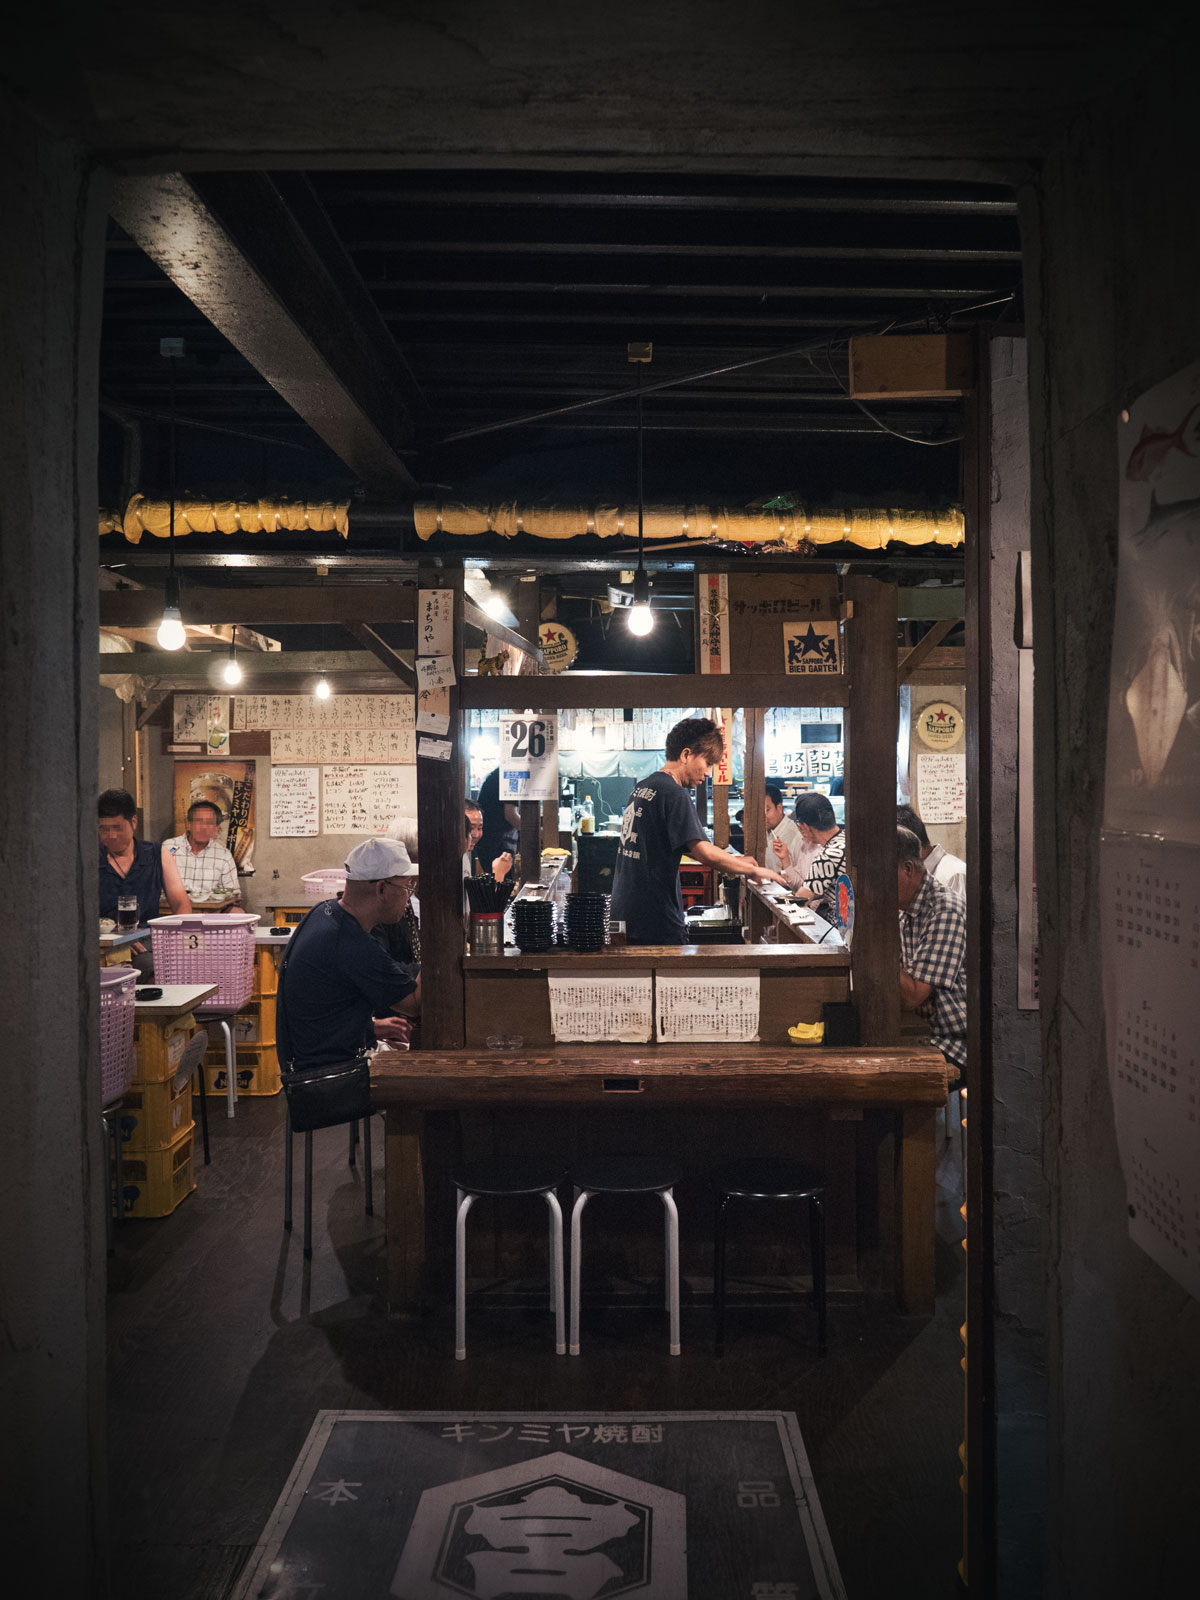 成田「寅屋本店」 入口から眺めた店内の、これぞ居酒屋という様子 撮影:DMC-GX8 + LEICA DG 12-60mm